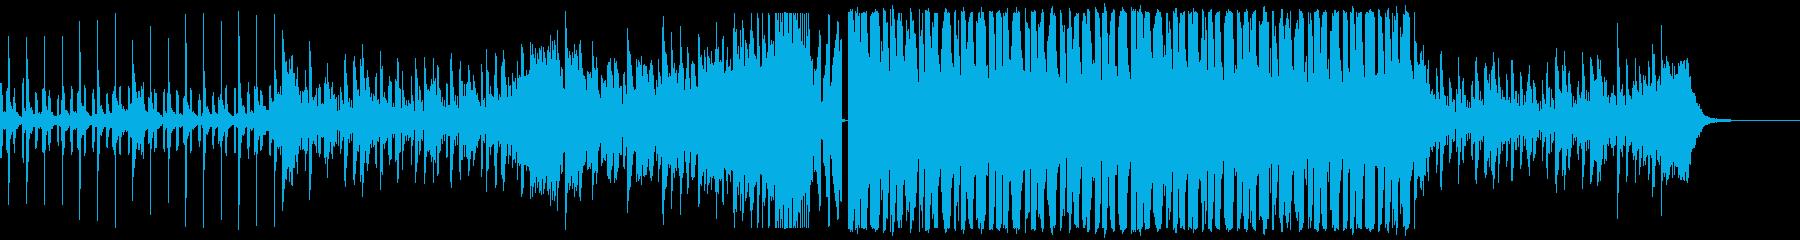 メロディ無しコミカル・軽快・爽やかEDMの再生済みの波形